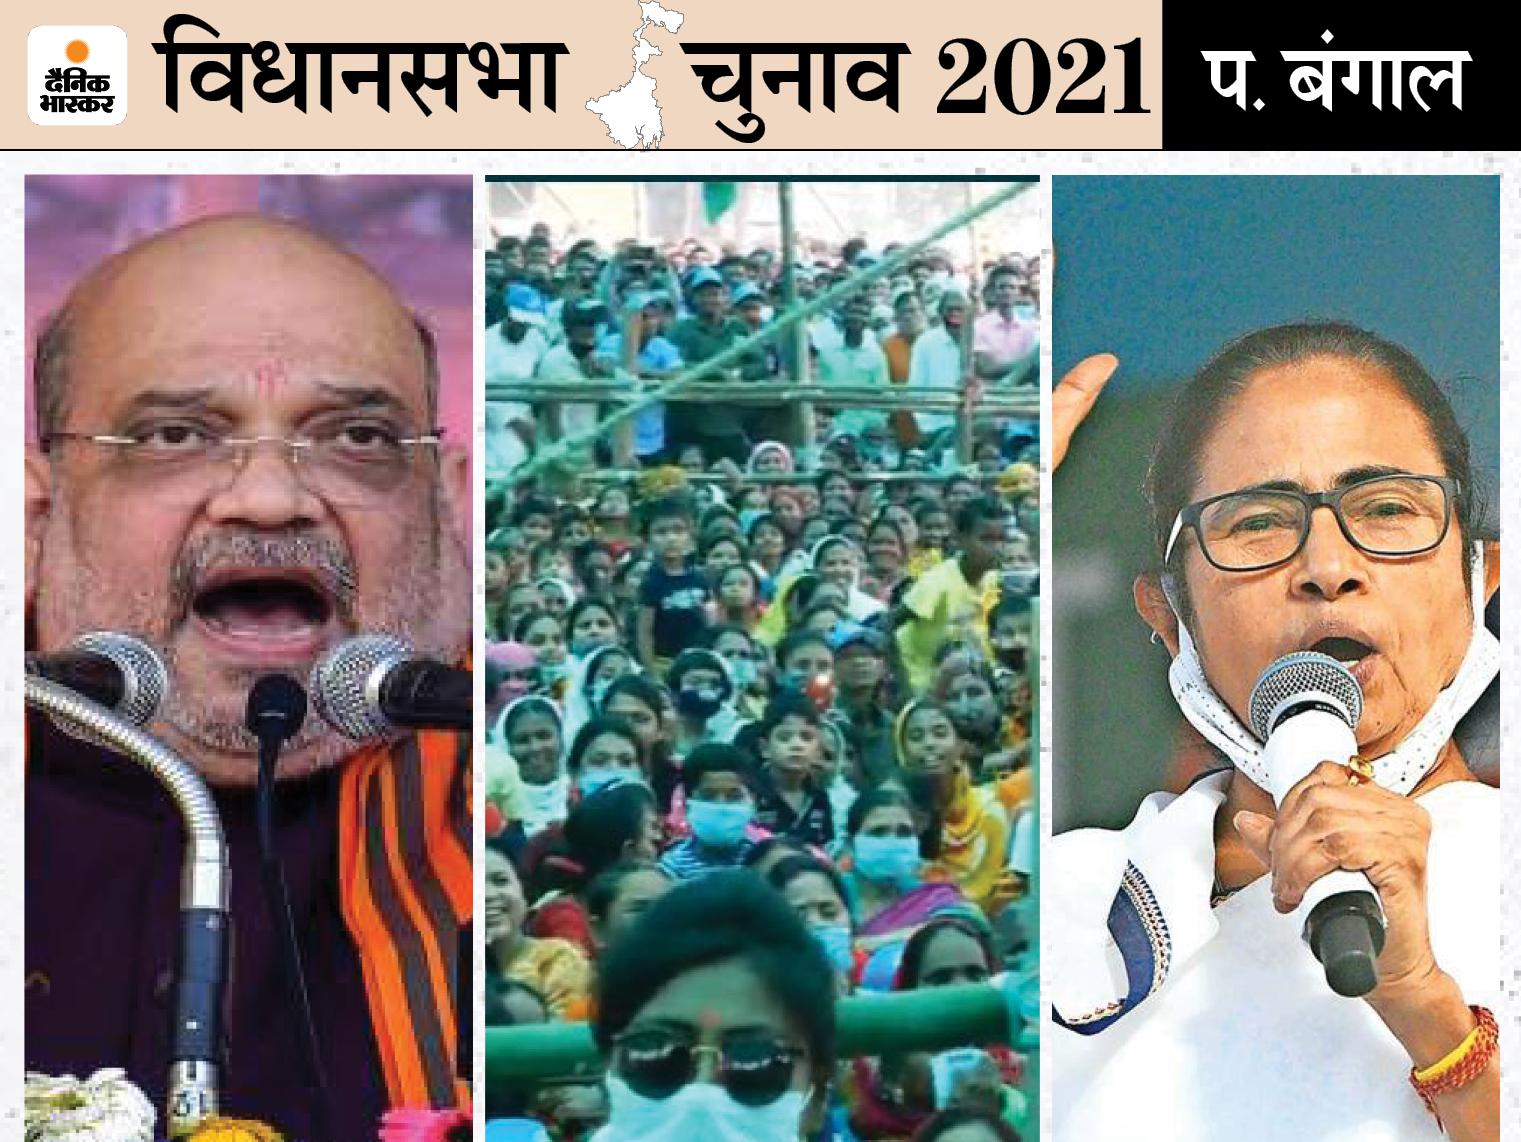 बंगाल चुनाव में प्रचार करने वाले स्टार कैंपेनर्स को किया जाए क्वारैंटाइन, भीड़ जुटाने वाले आयोजकों और पार्टियों पर लगे जुर्माना|DB ओरिजिनल,DB Original - Dainik Bhaskar